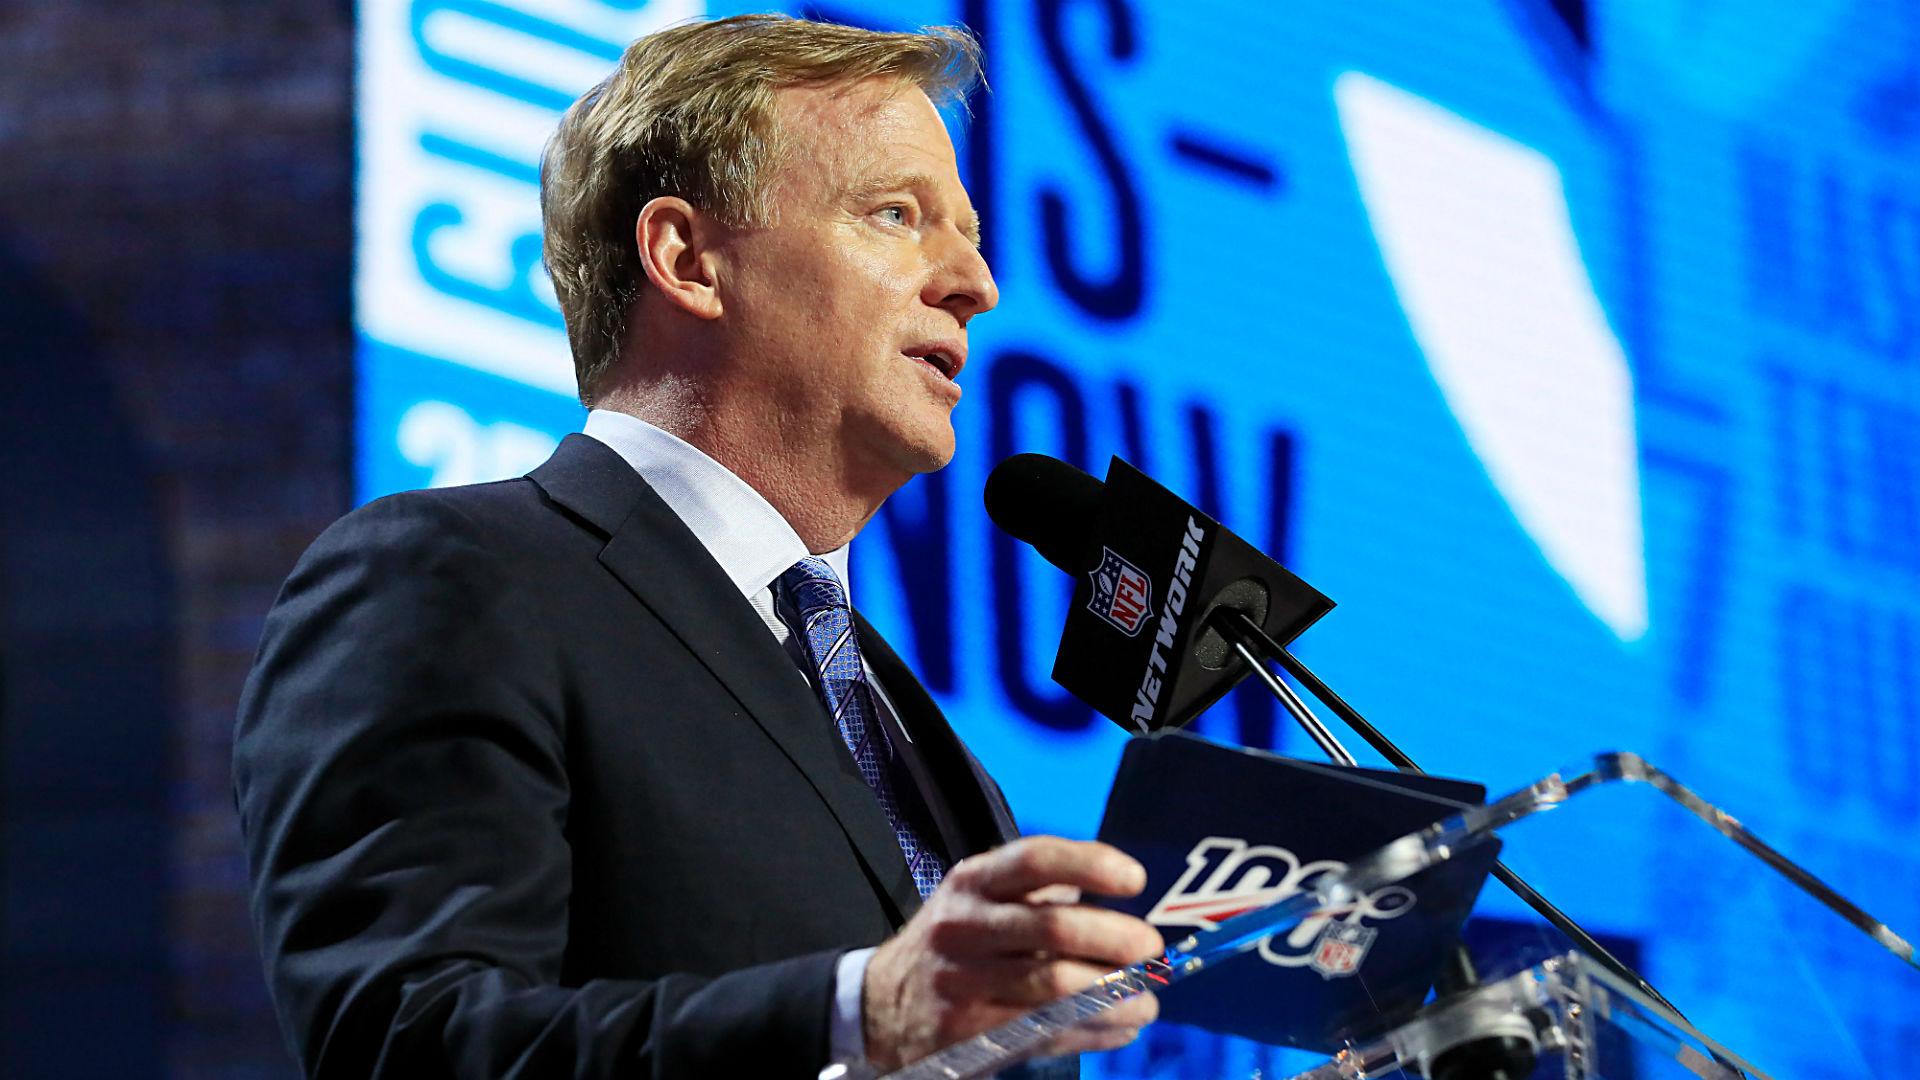 El Draft 2020 de la NFL continuará según lo programado, Roger Goodell le dice a los equipos 12